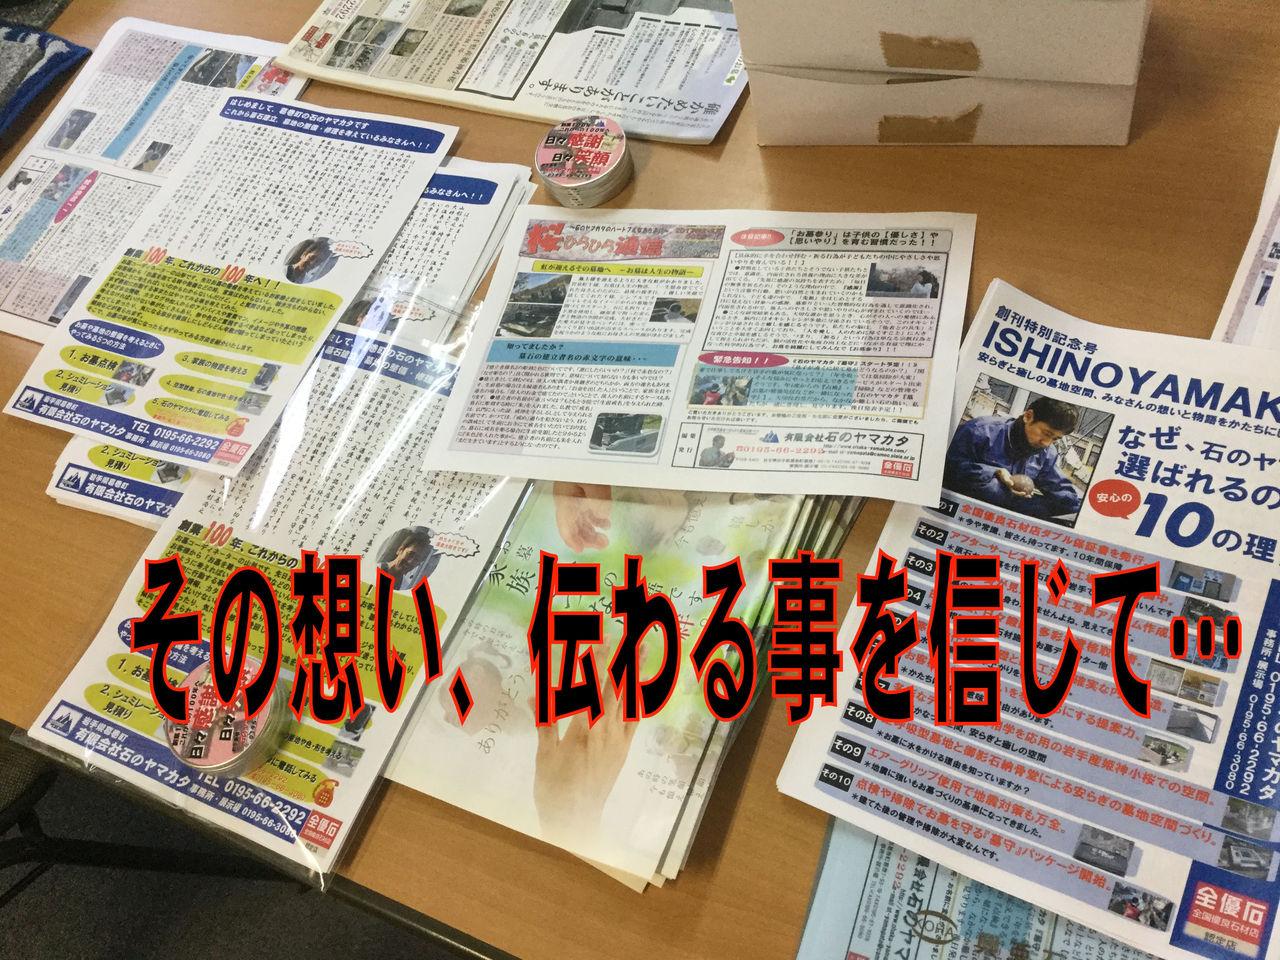 ファイル 2017-04-09 16 13 58